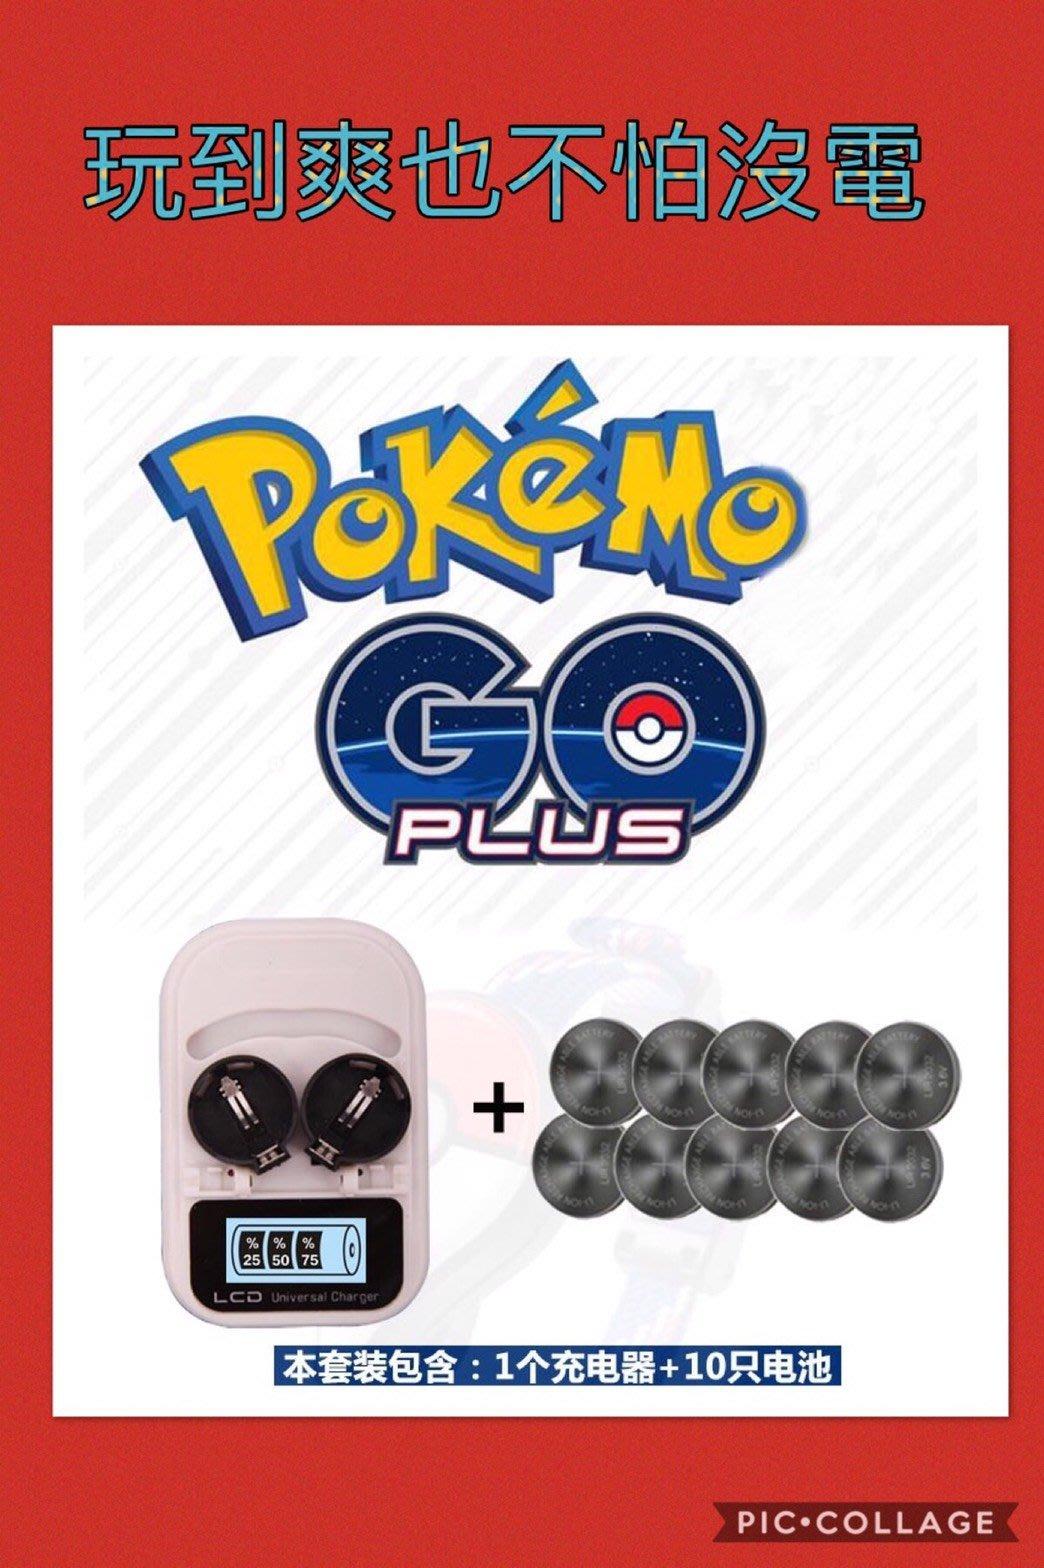 特價pokemon go plus 神奇寶貝 手環用電池 充電電池 電池座充 寶可夢手環電池 CR2032電池 一組10入